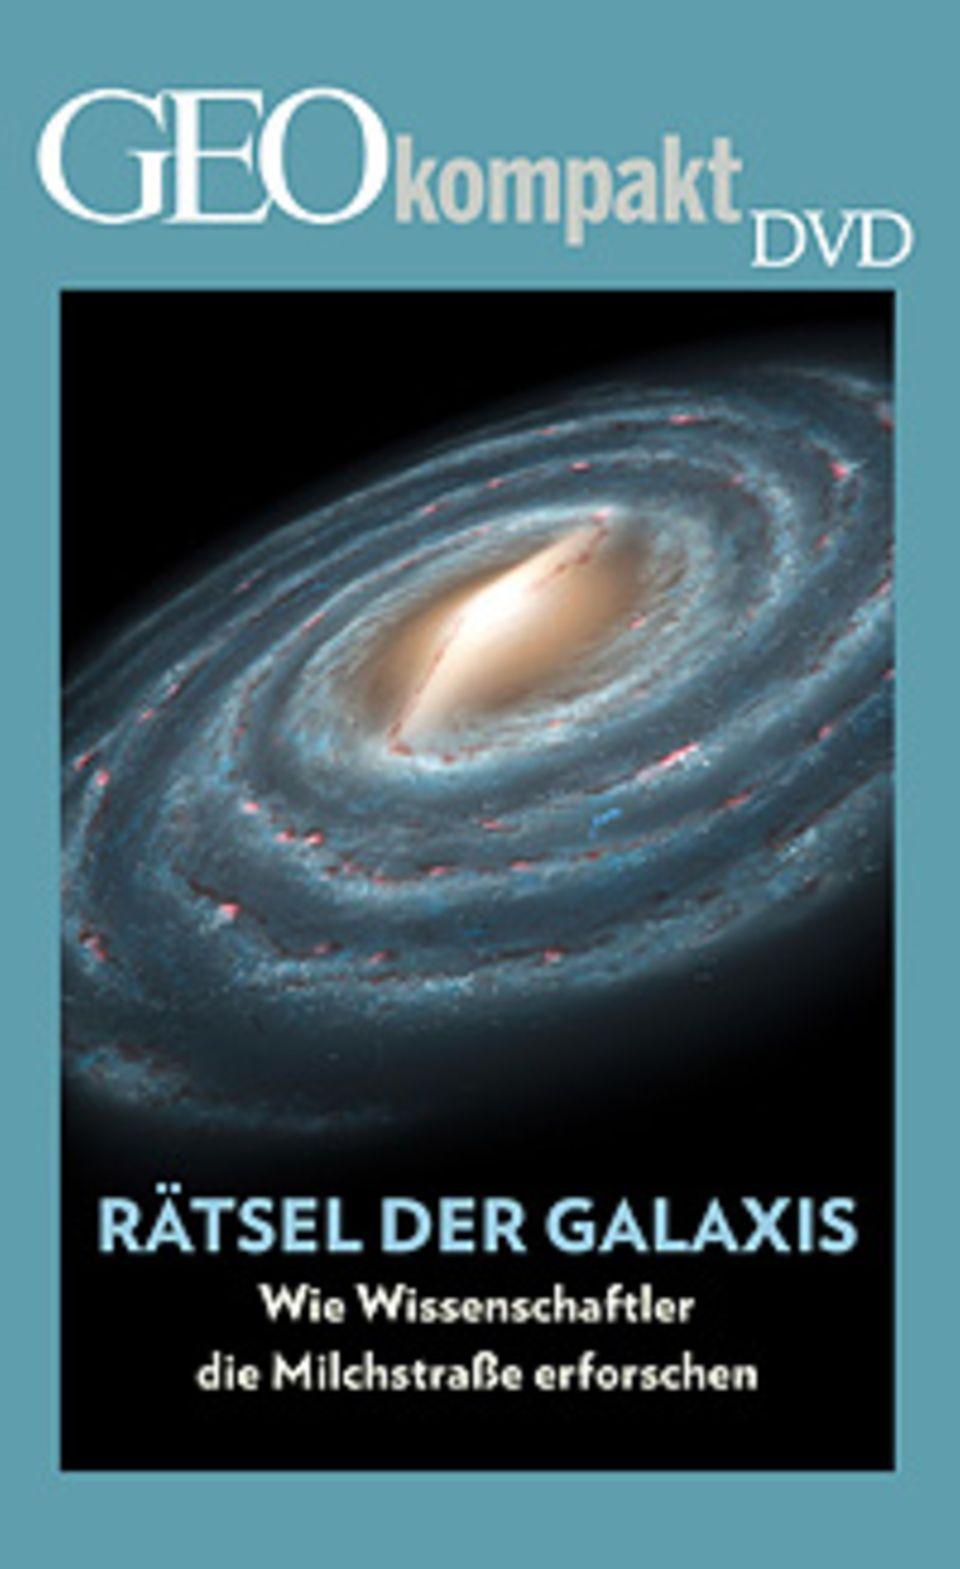 """Milchstraße: GEOkompakt Nr. 39 """"Die Milchstraße"""" ist auch mit DVD erhältlich"""